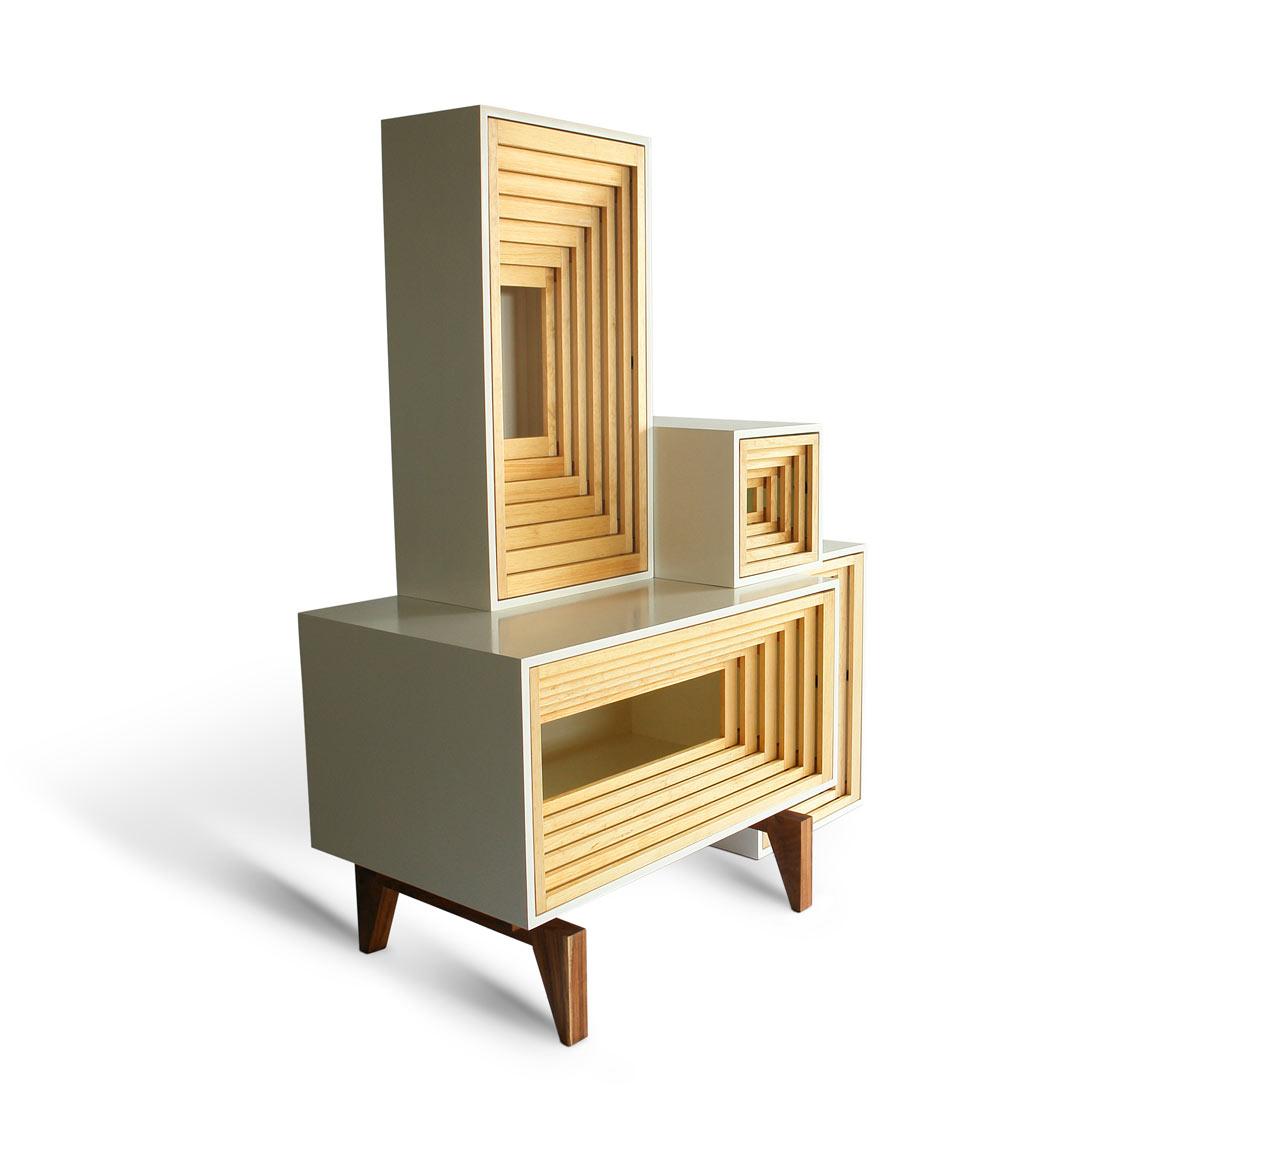 Furniture Design by Arquiteknia